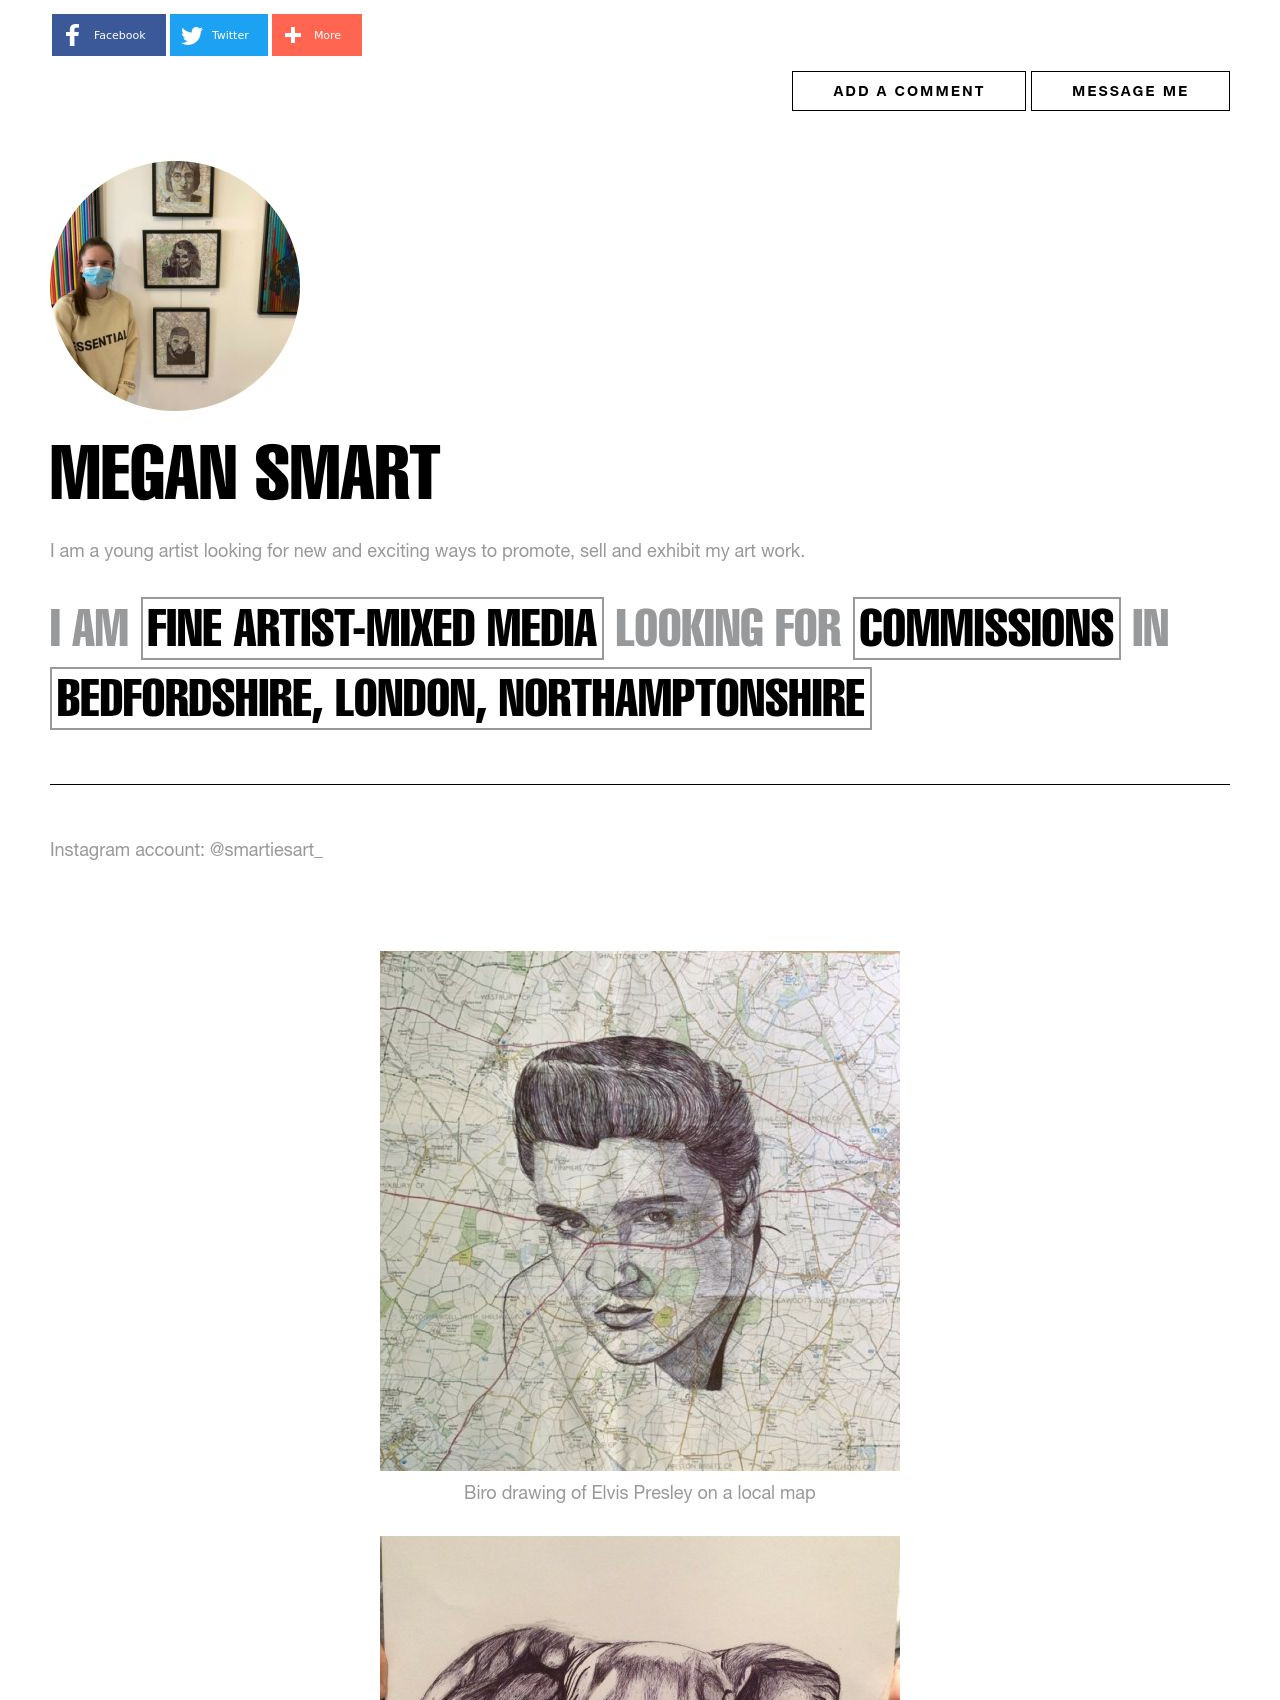 Megan Smart